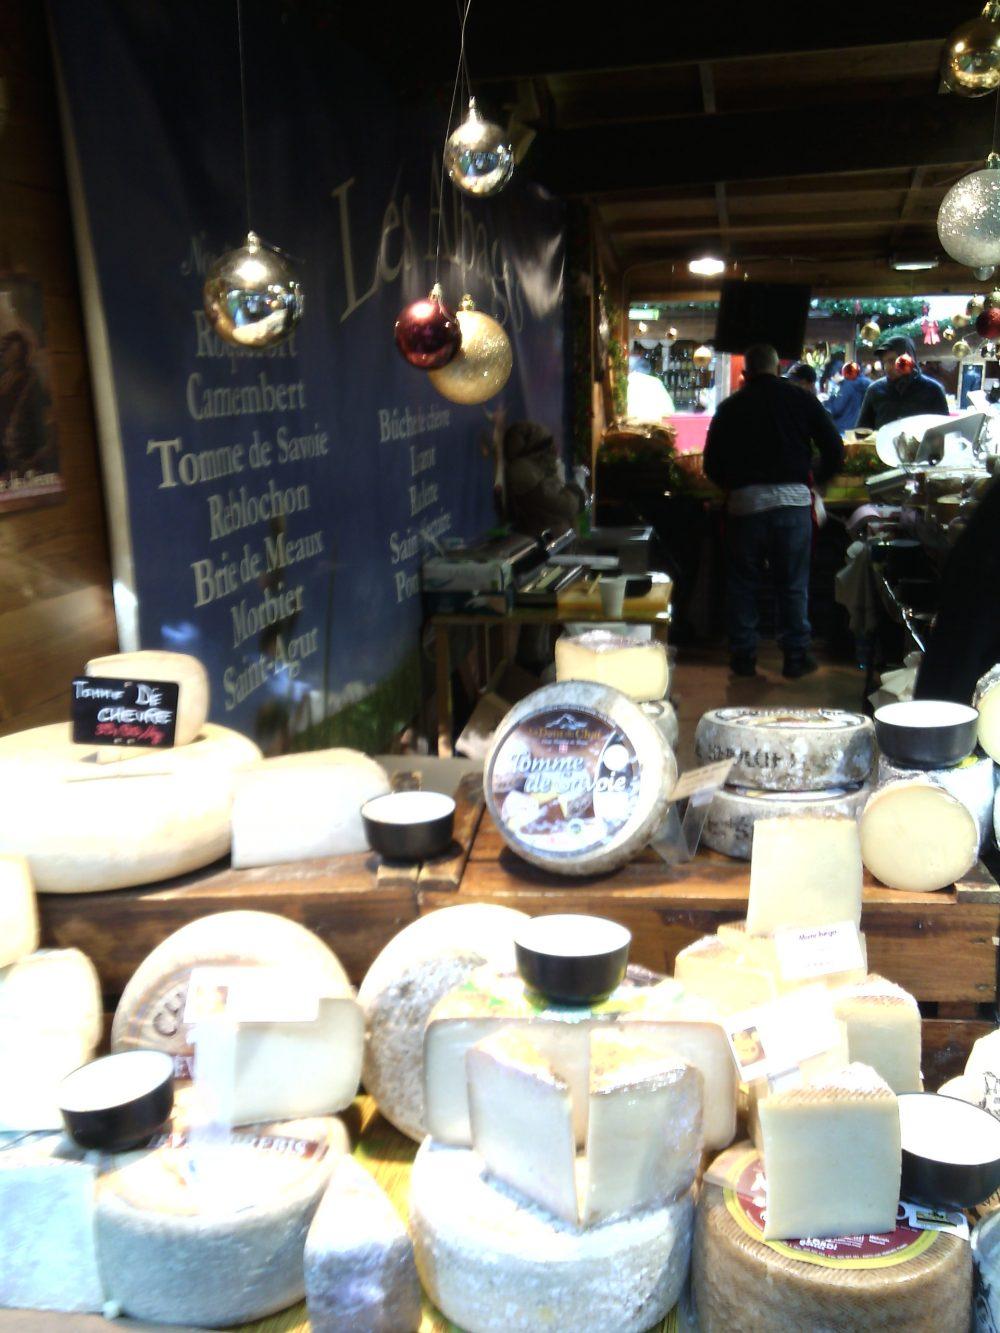 Cioccoshow e mercatini- I formaggi francesi